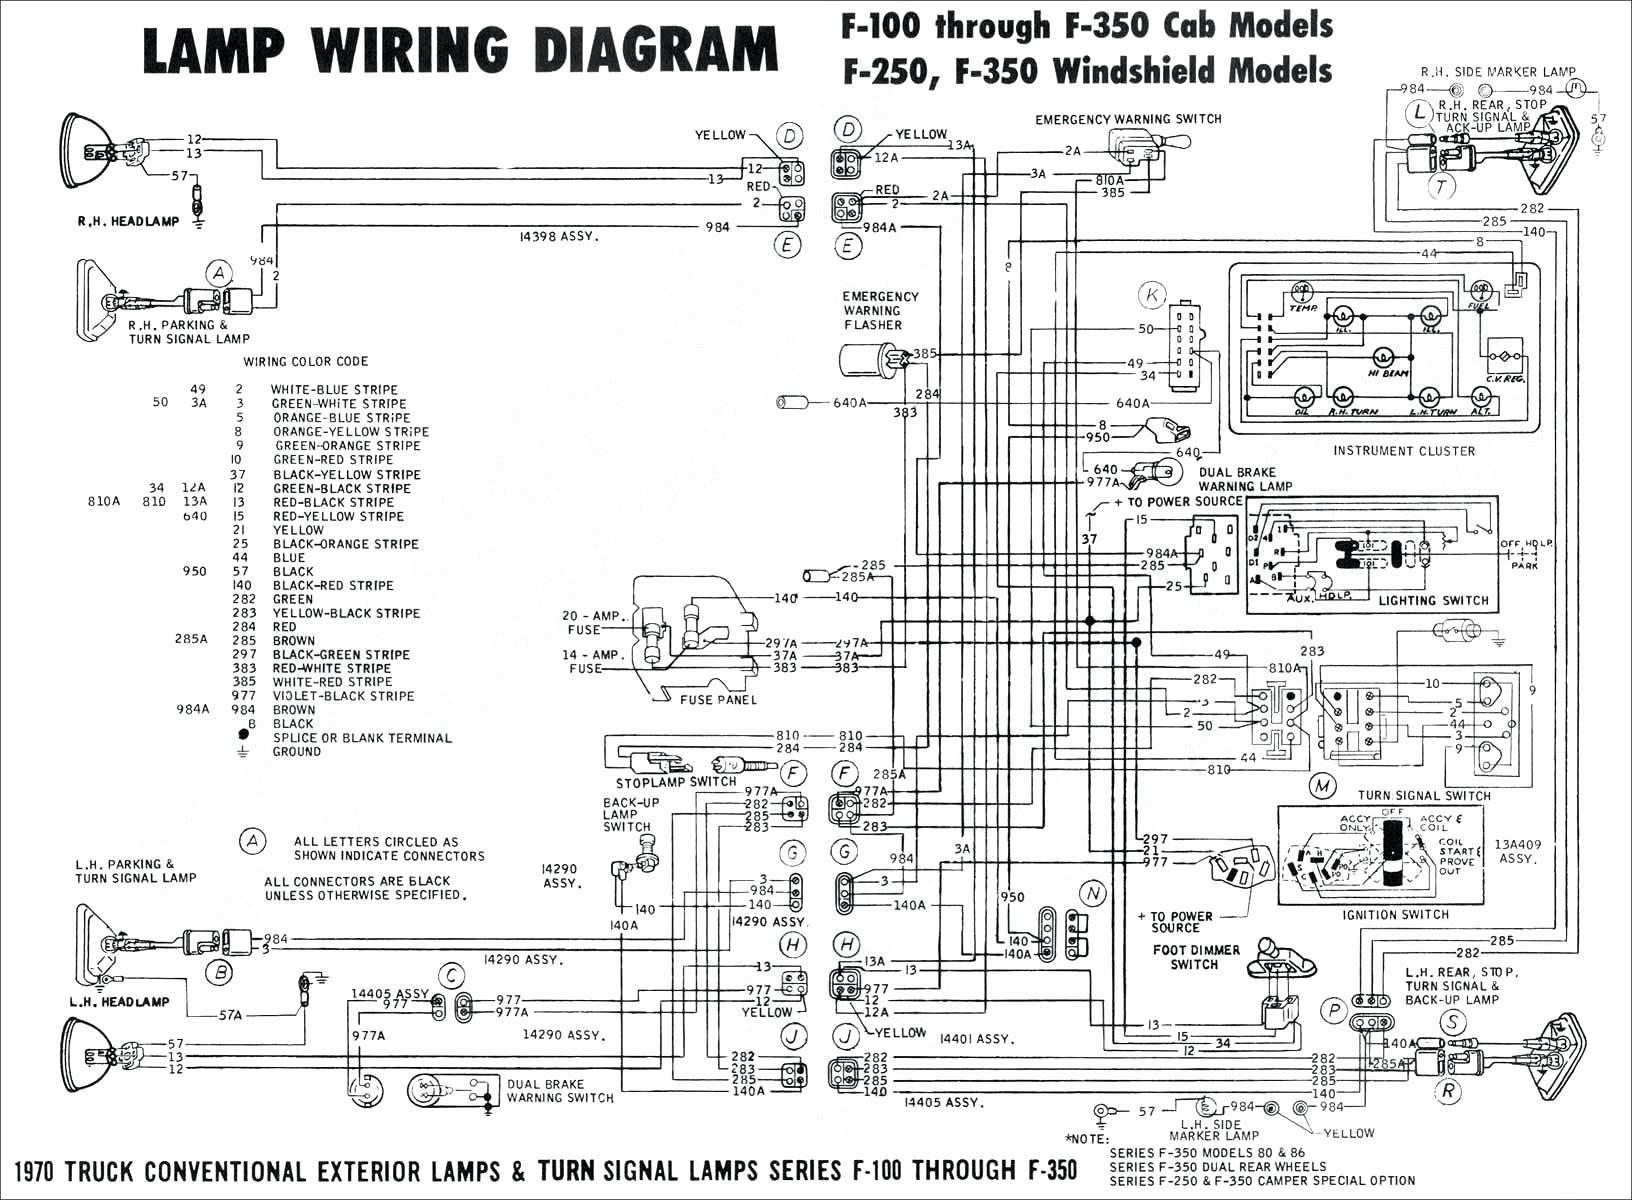 Brake and Turn Signal Wiring Diagram 6b2 Basic Turn Signal Wiring Diagram Motorcycle